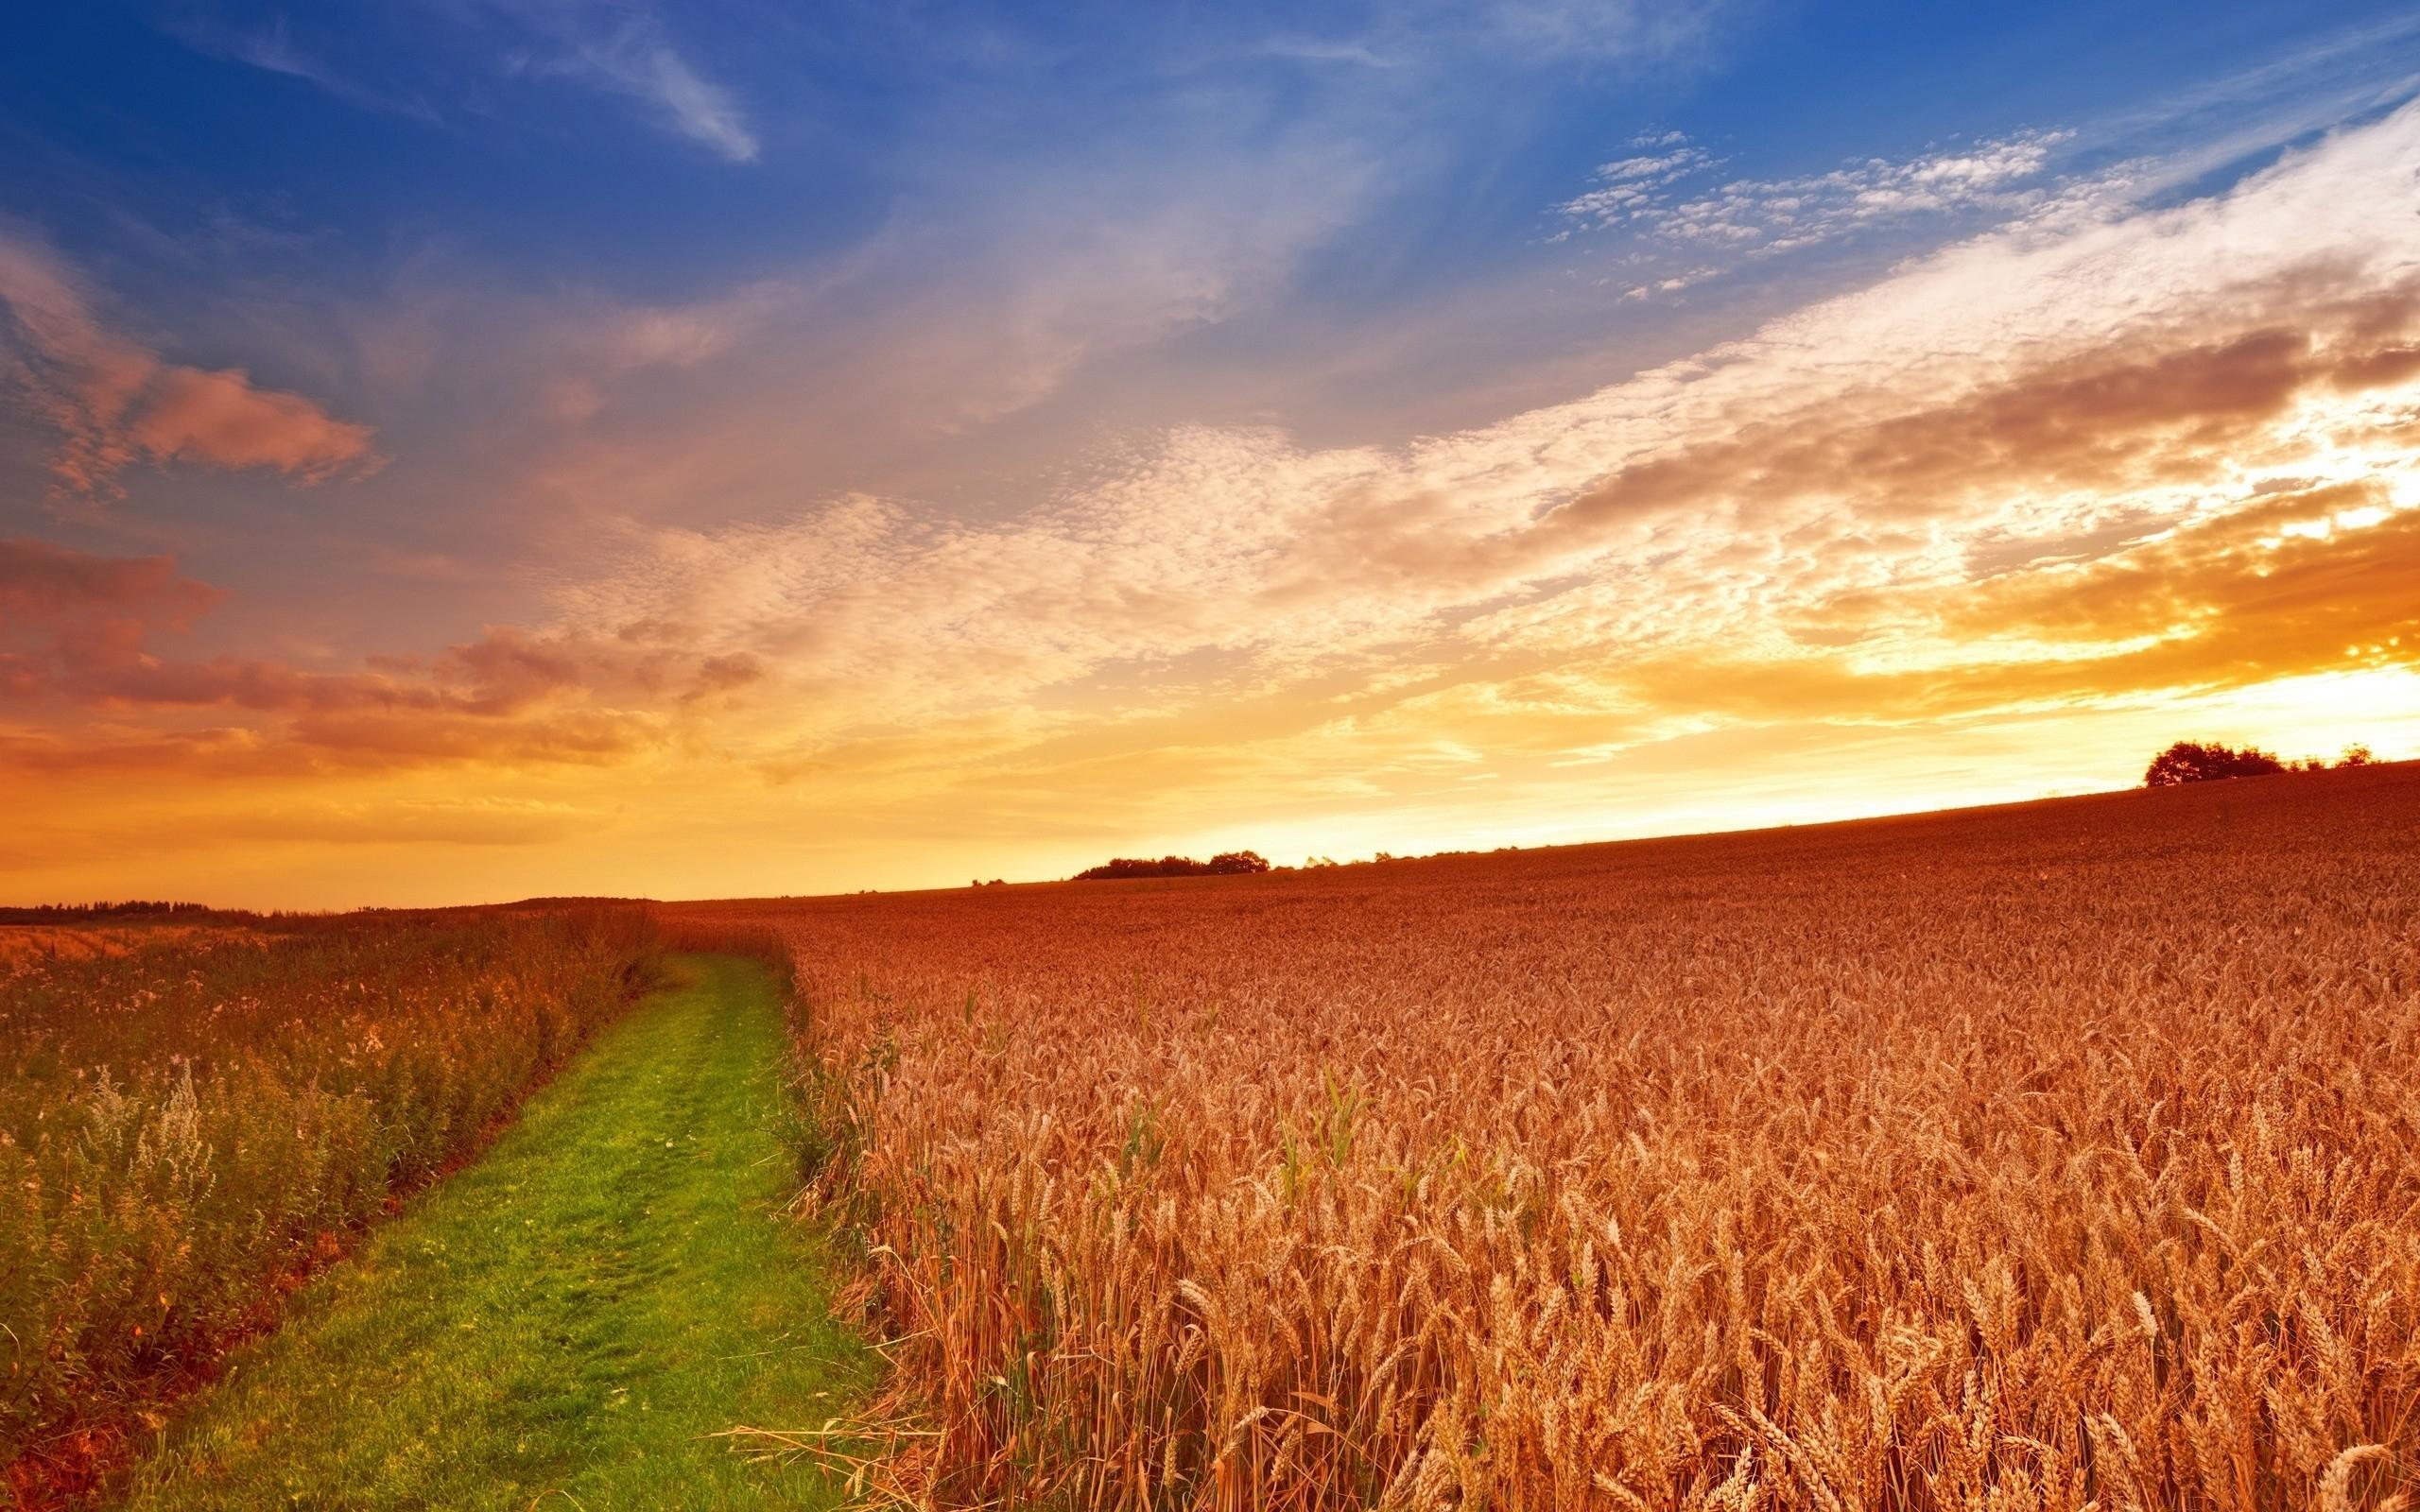 Farm sunset Mac Wallpaper Download | AllMacWallpaper